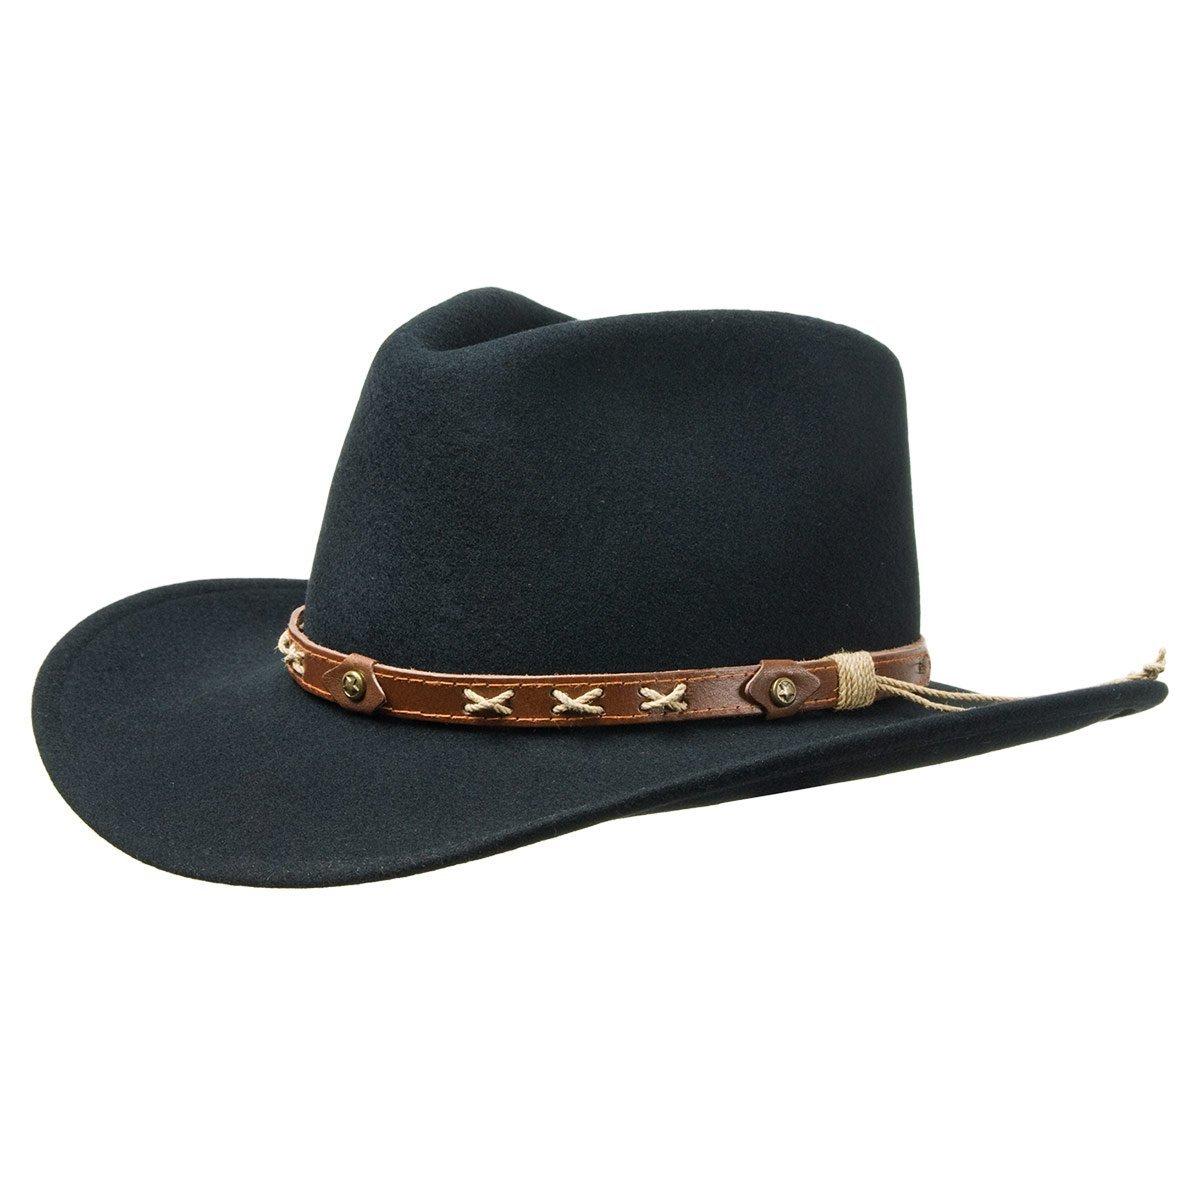 Cappello tipo cowboy in feltro lana con cinturino ... 00787d830877